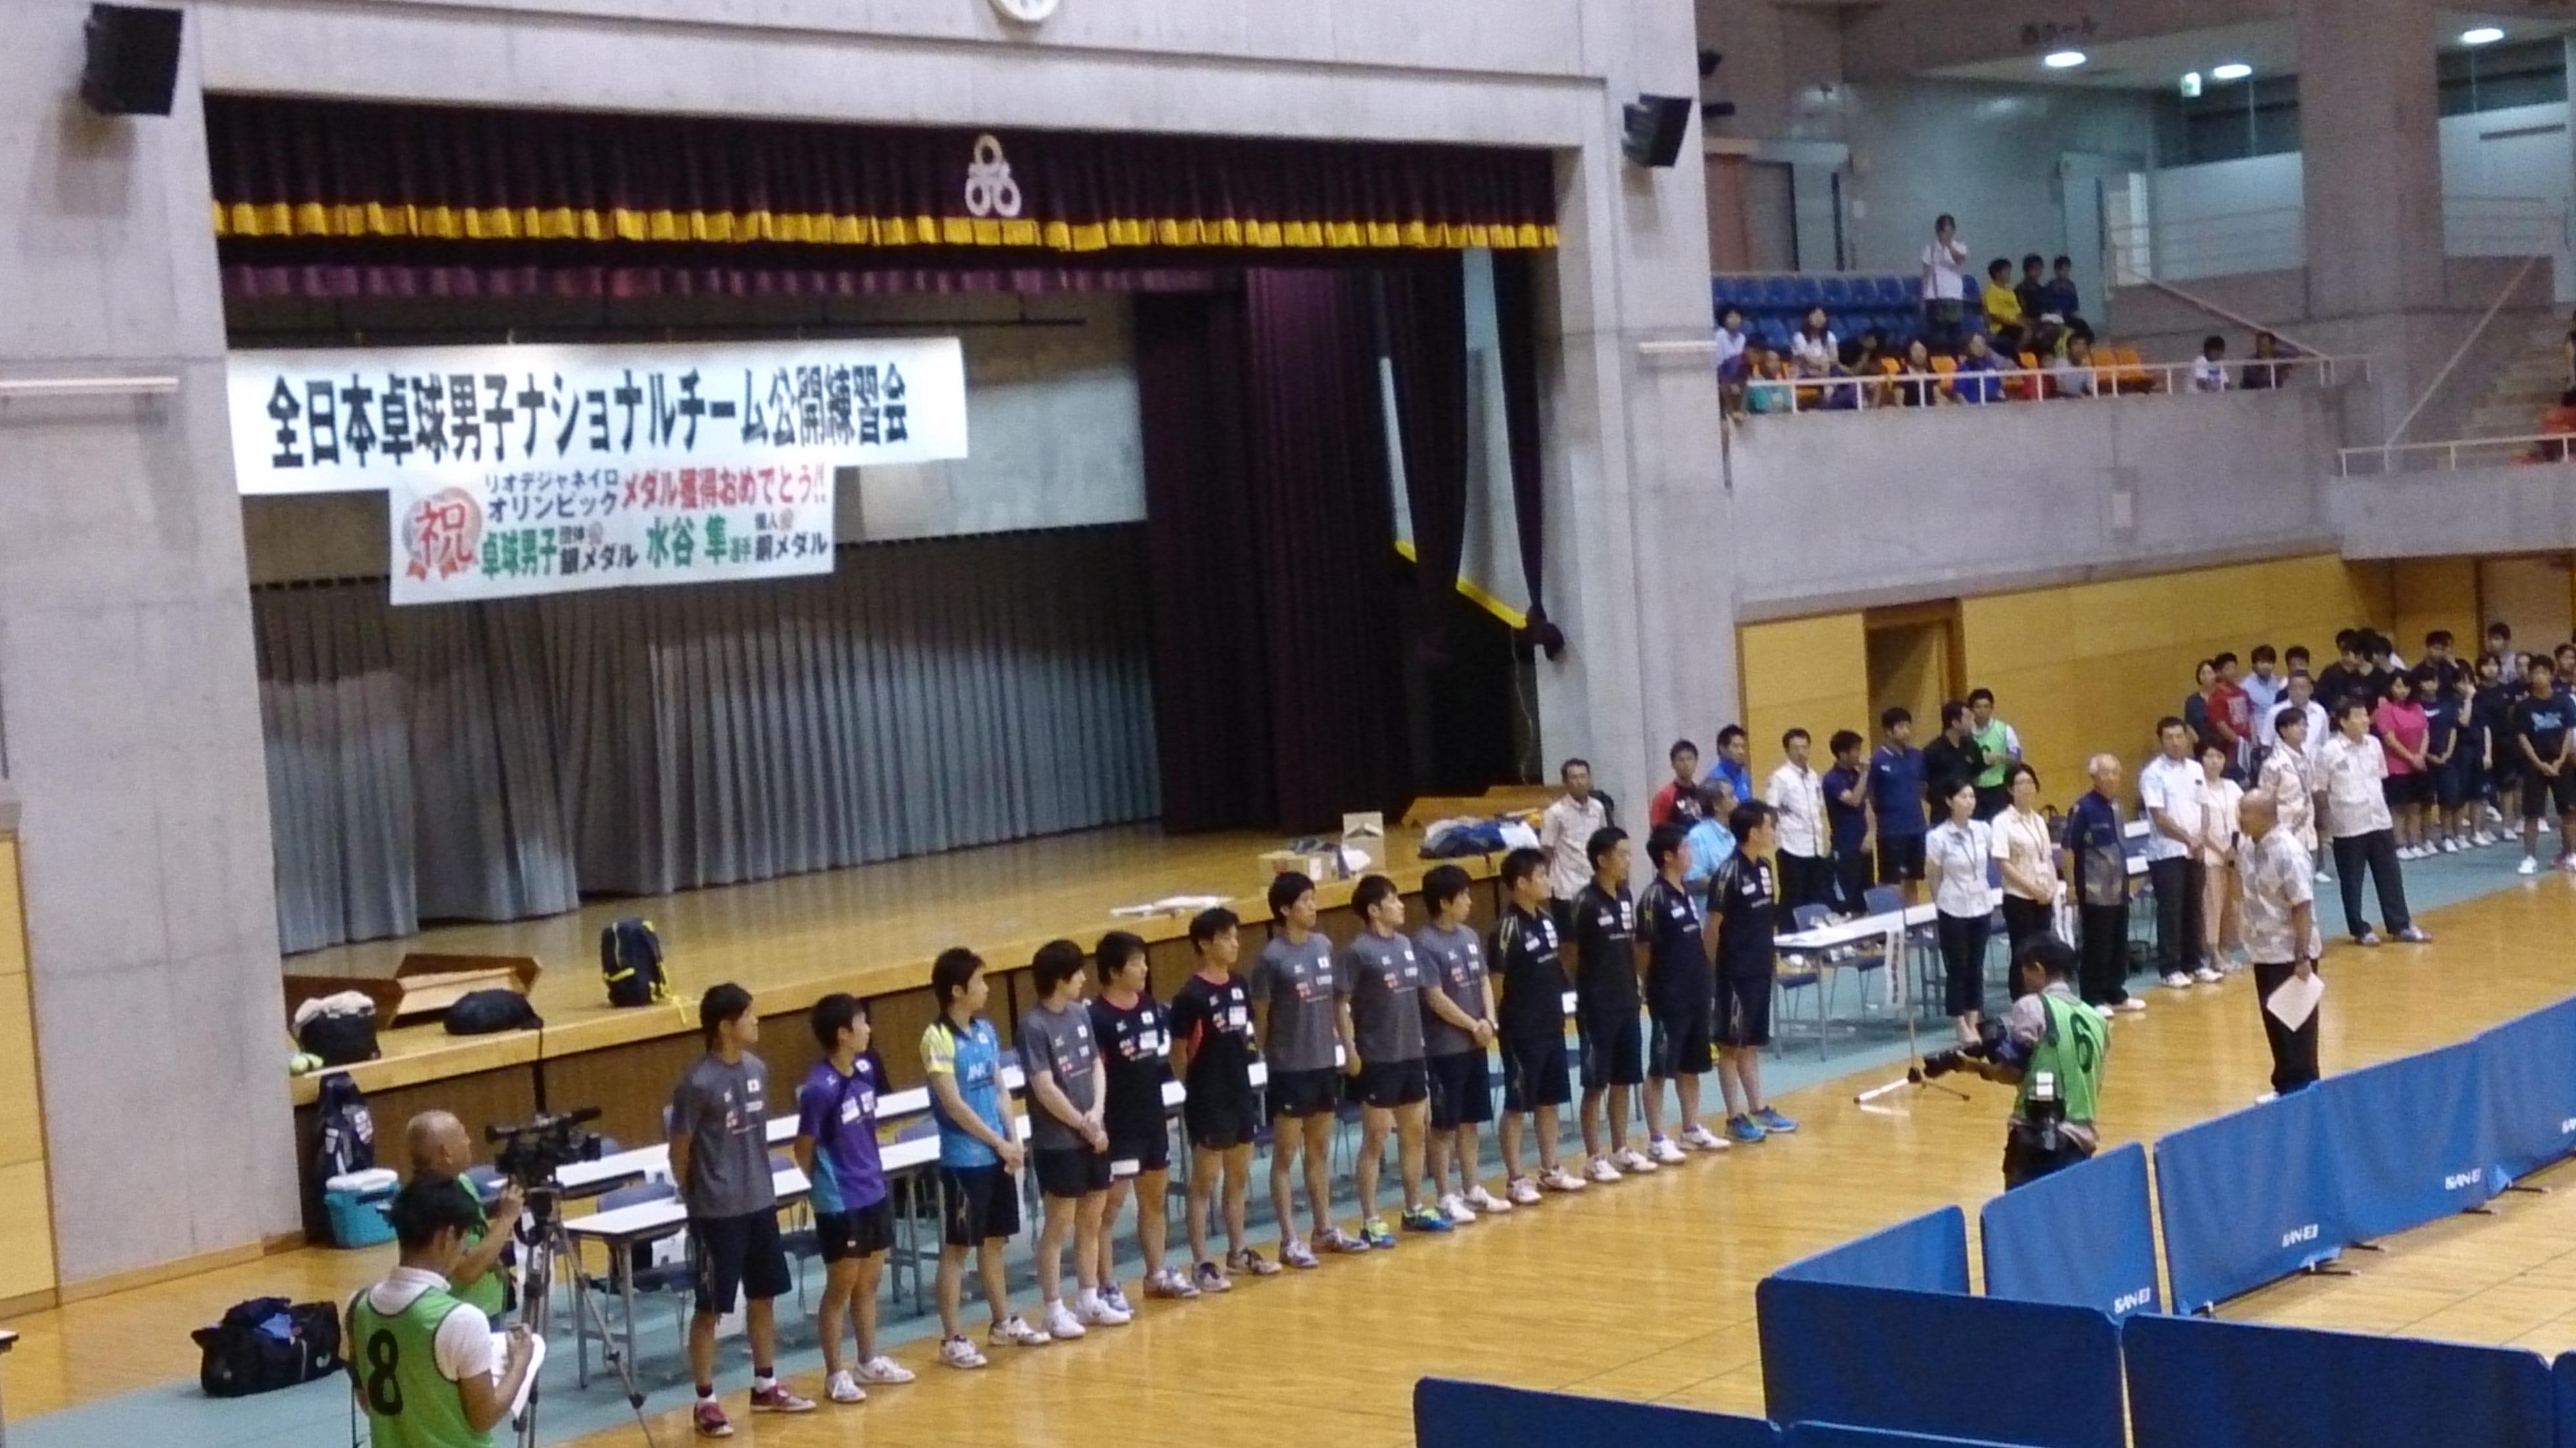 日本卓球男子整列、画像